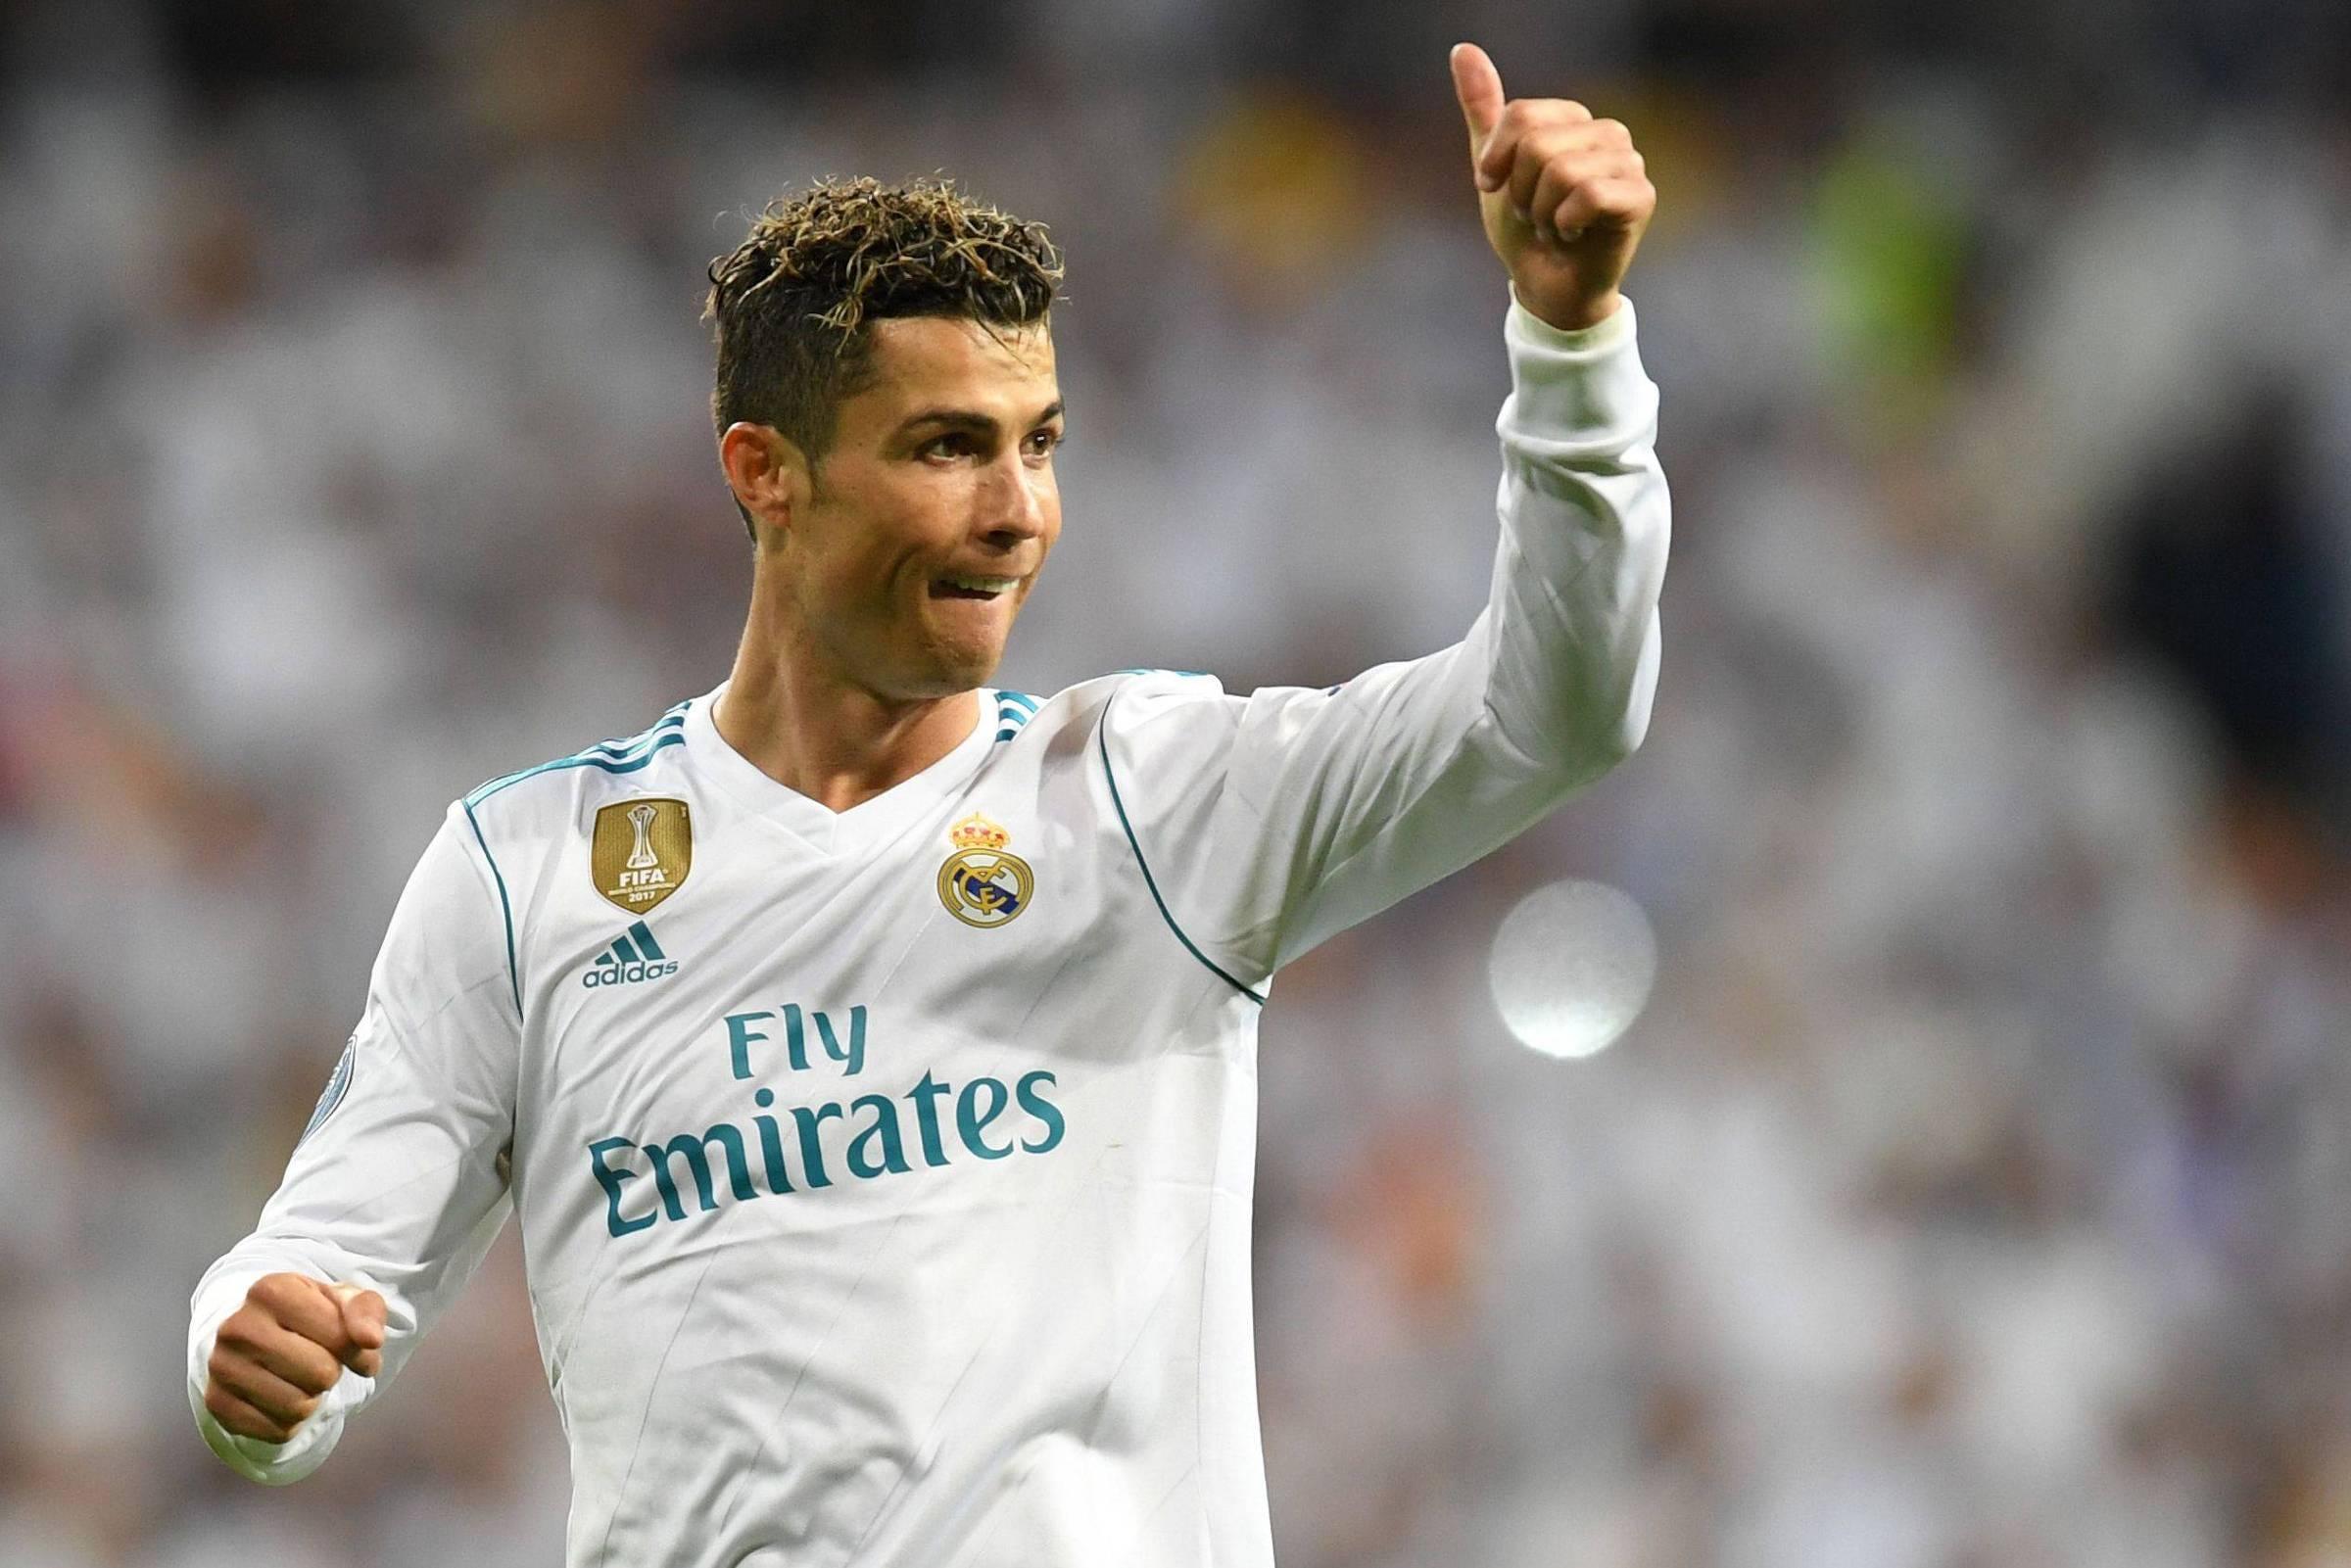 Cristiano Ronaldo deixa o Real Madrid e fecha com a Juventus - 10 07 2018 -  Esporte - Folha fee7b752a3ea2